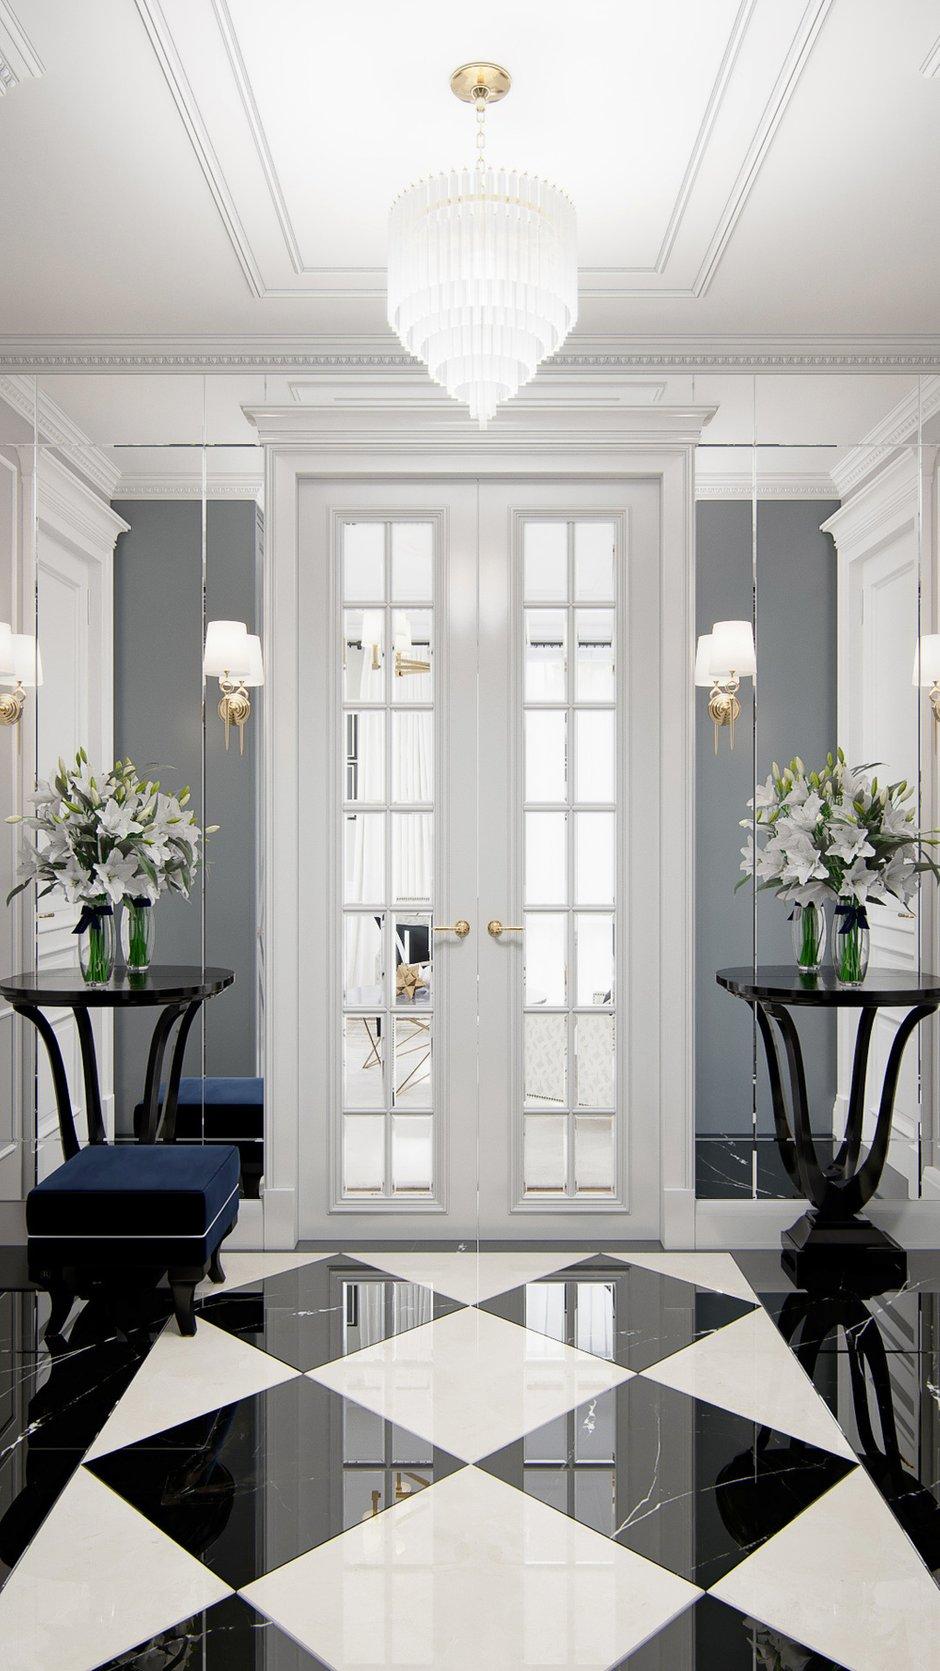 Фотография: Прихожая в стиле Классический, Современный, Квартира, Москва, Монолитный дом, 3 комнаты, Более 90 метров, #эксклюзивныепроекты, True interior – фото на INMYROOM